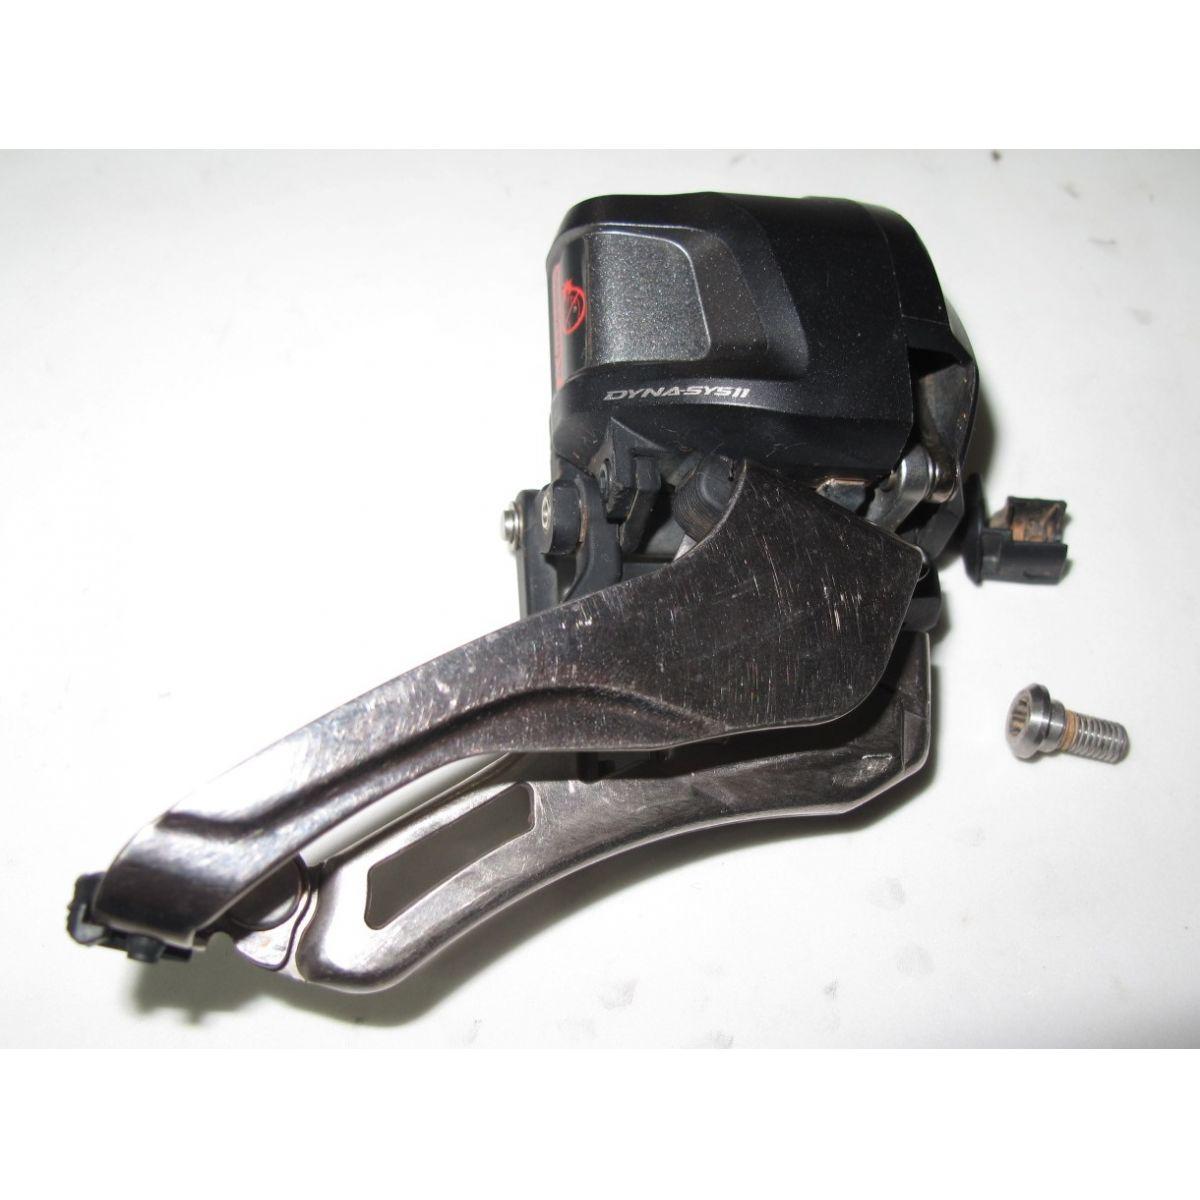 Câmbio Dianteiro Shimano XTR Di2 FD-M9070 (Usado)